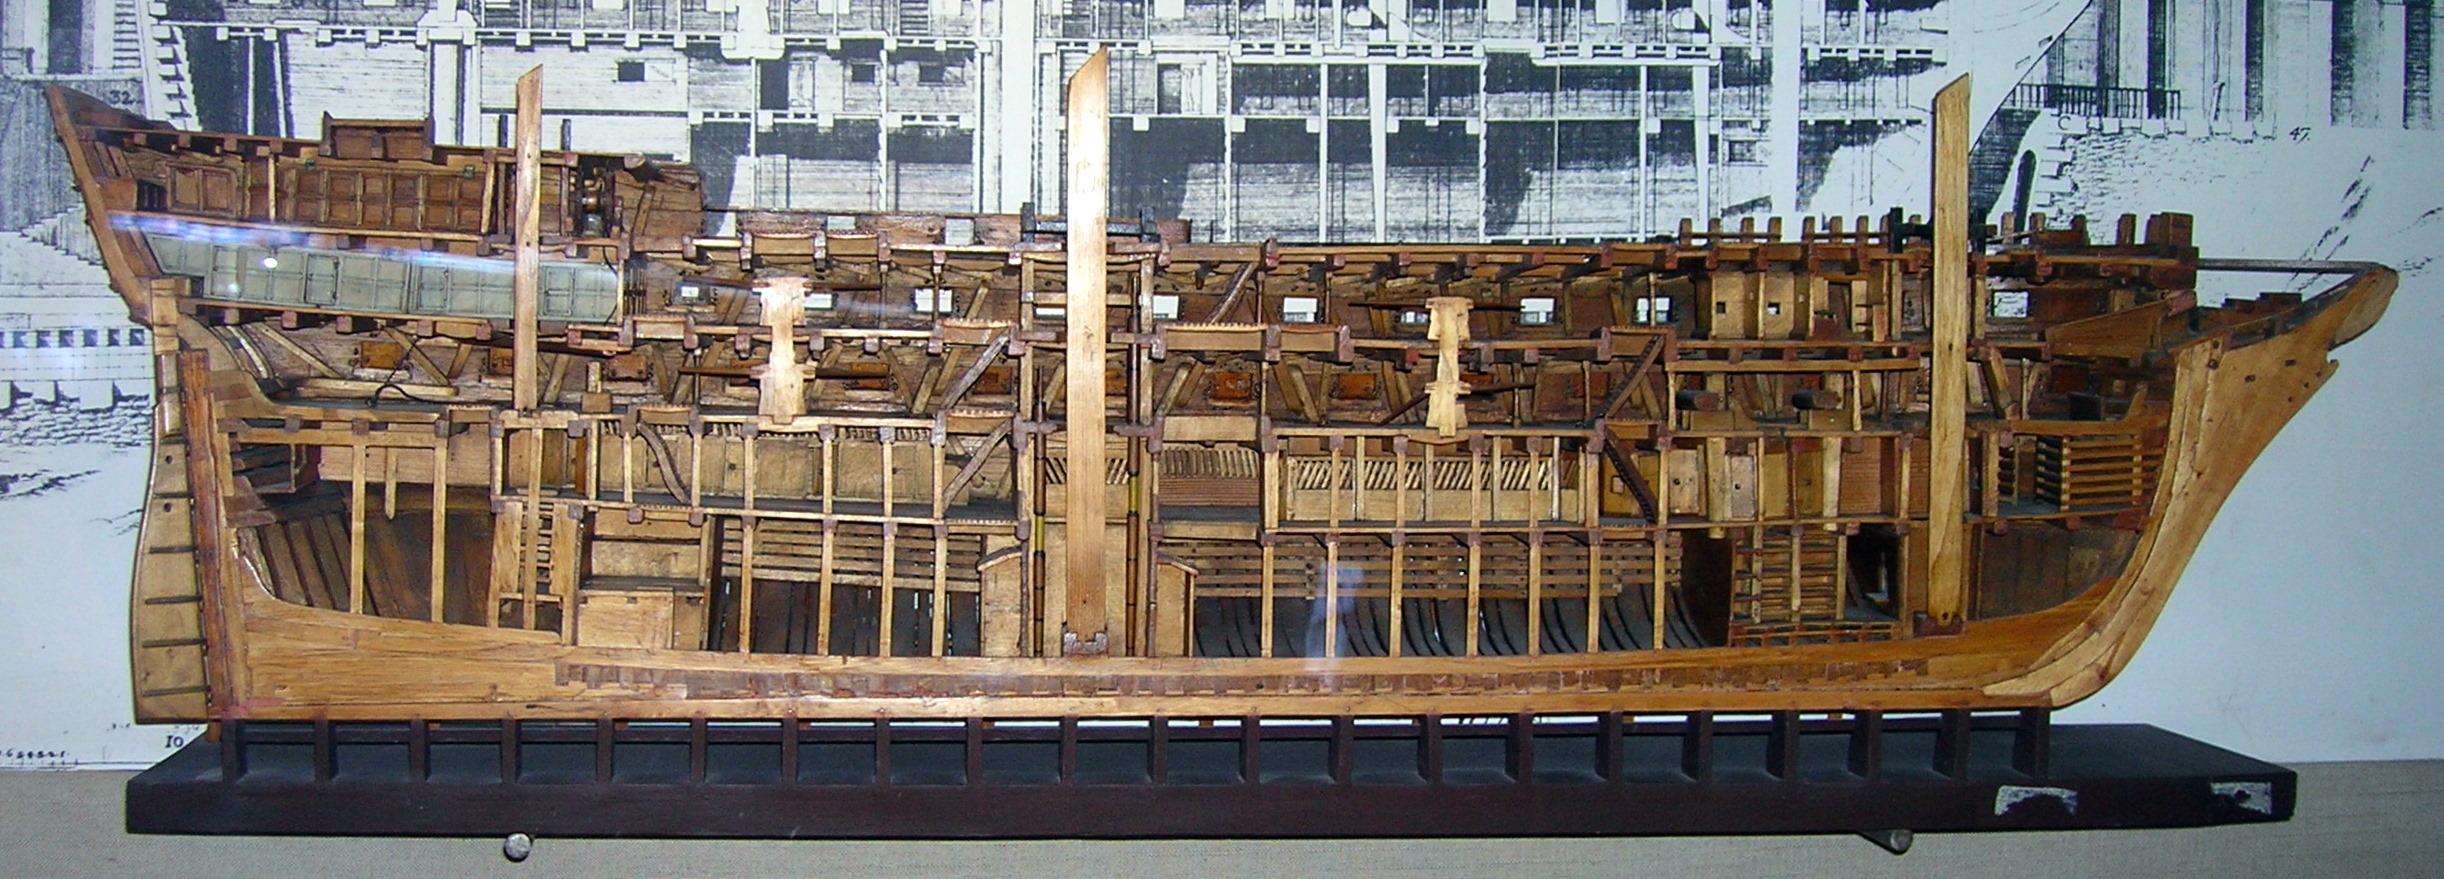 Schiffsmodell spielzeug und dekoration for Dekoration mainz